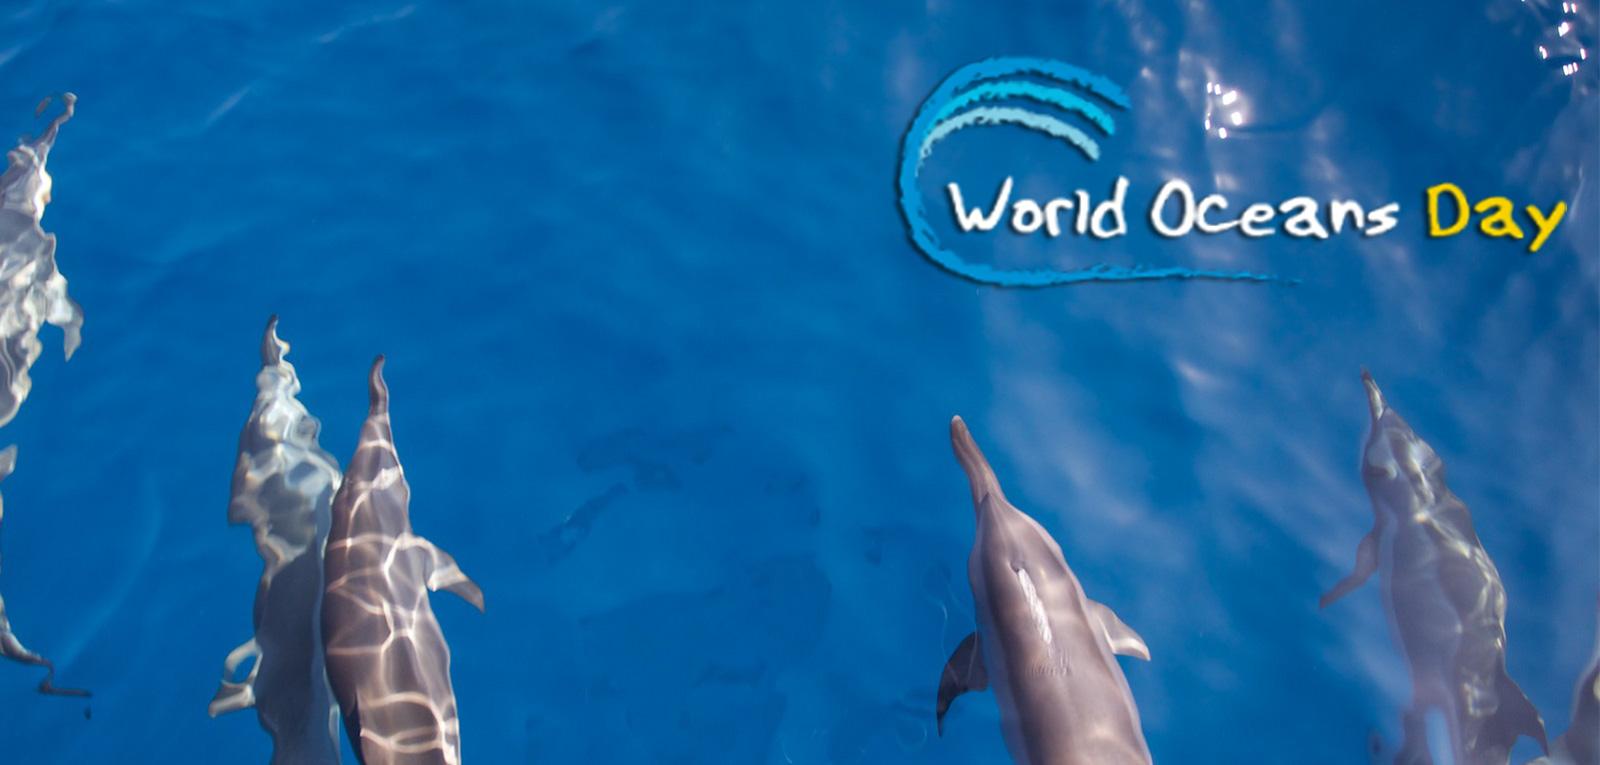 world-oceans-day-wallpaper.jpg